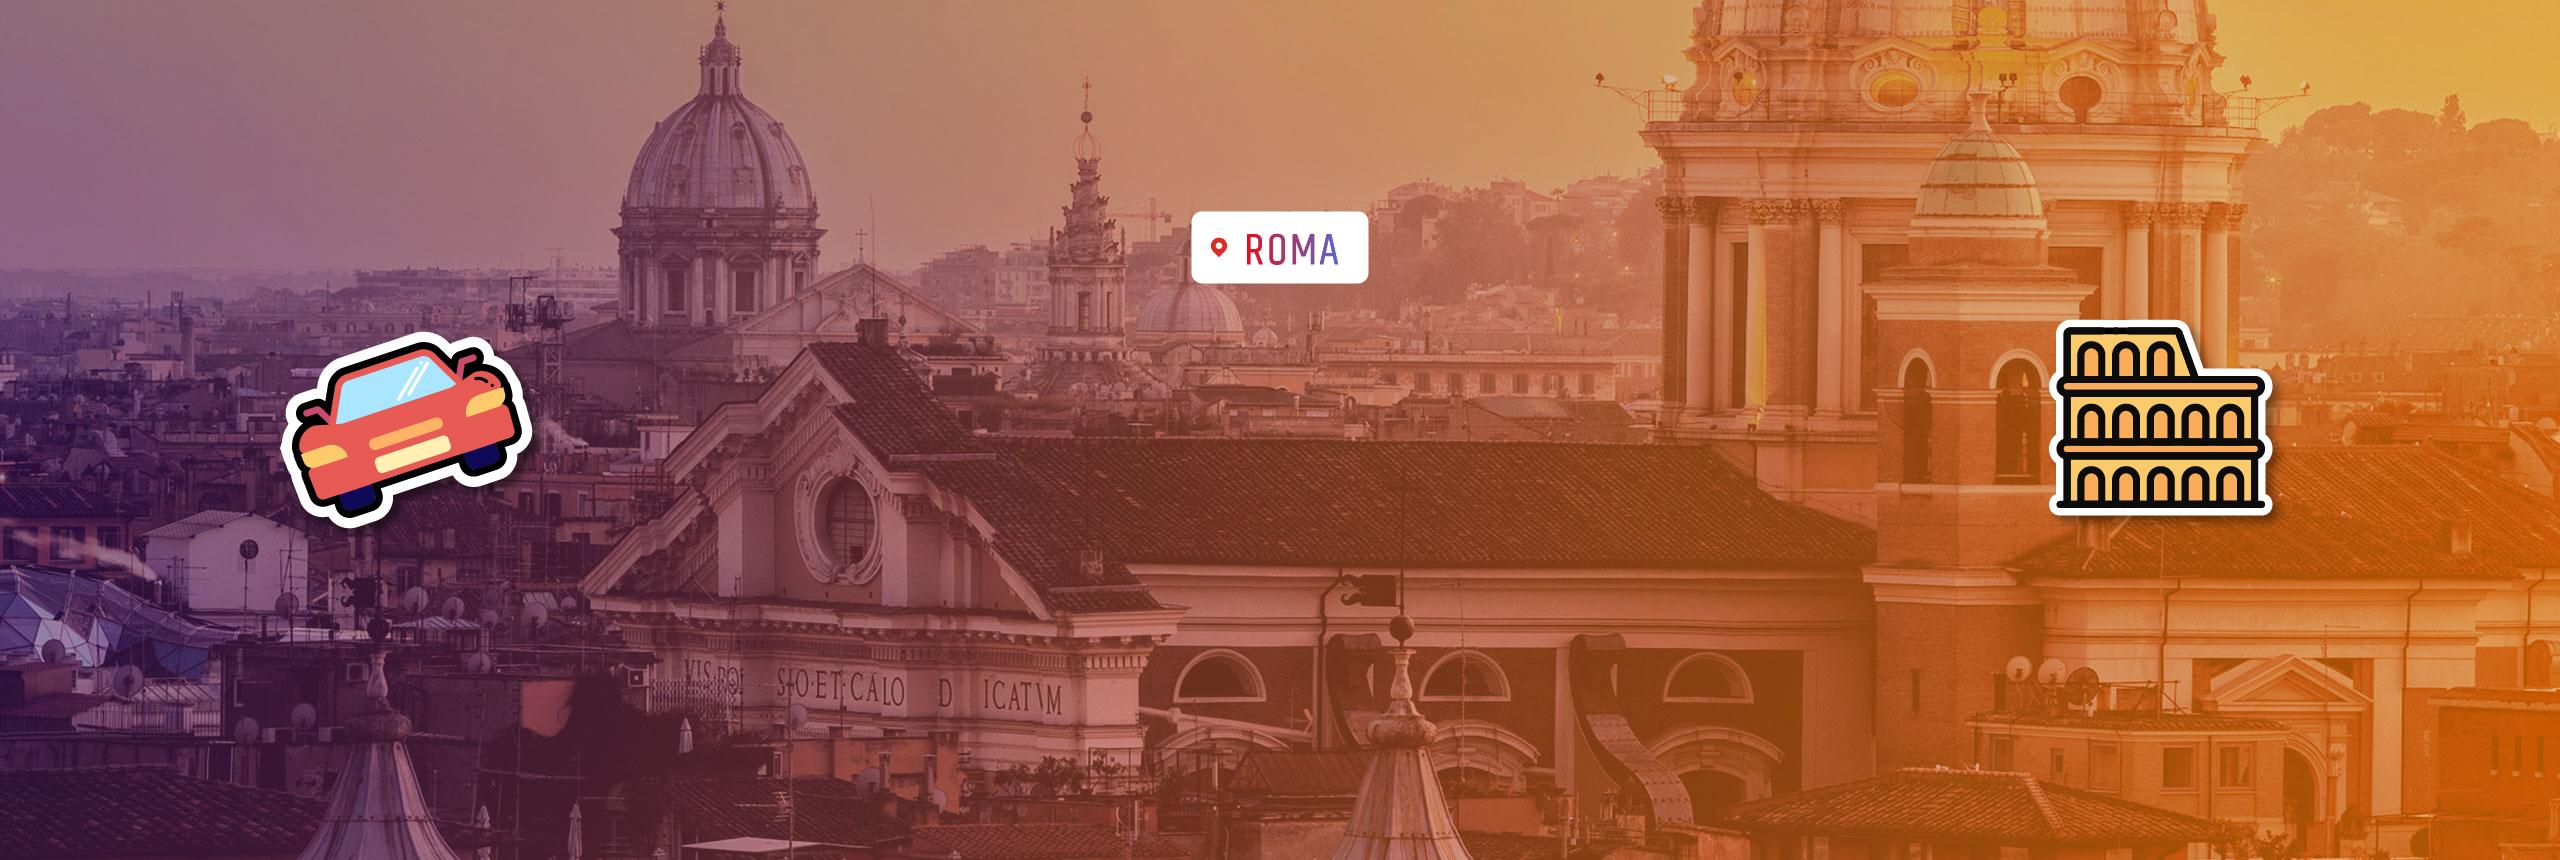 Otr slider 7 roma enrica